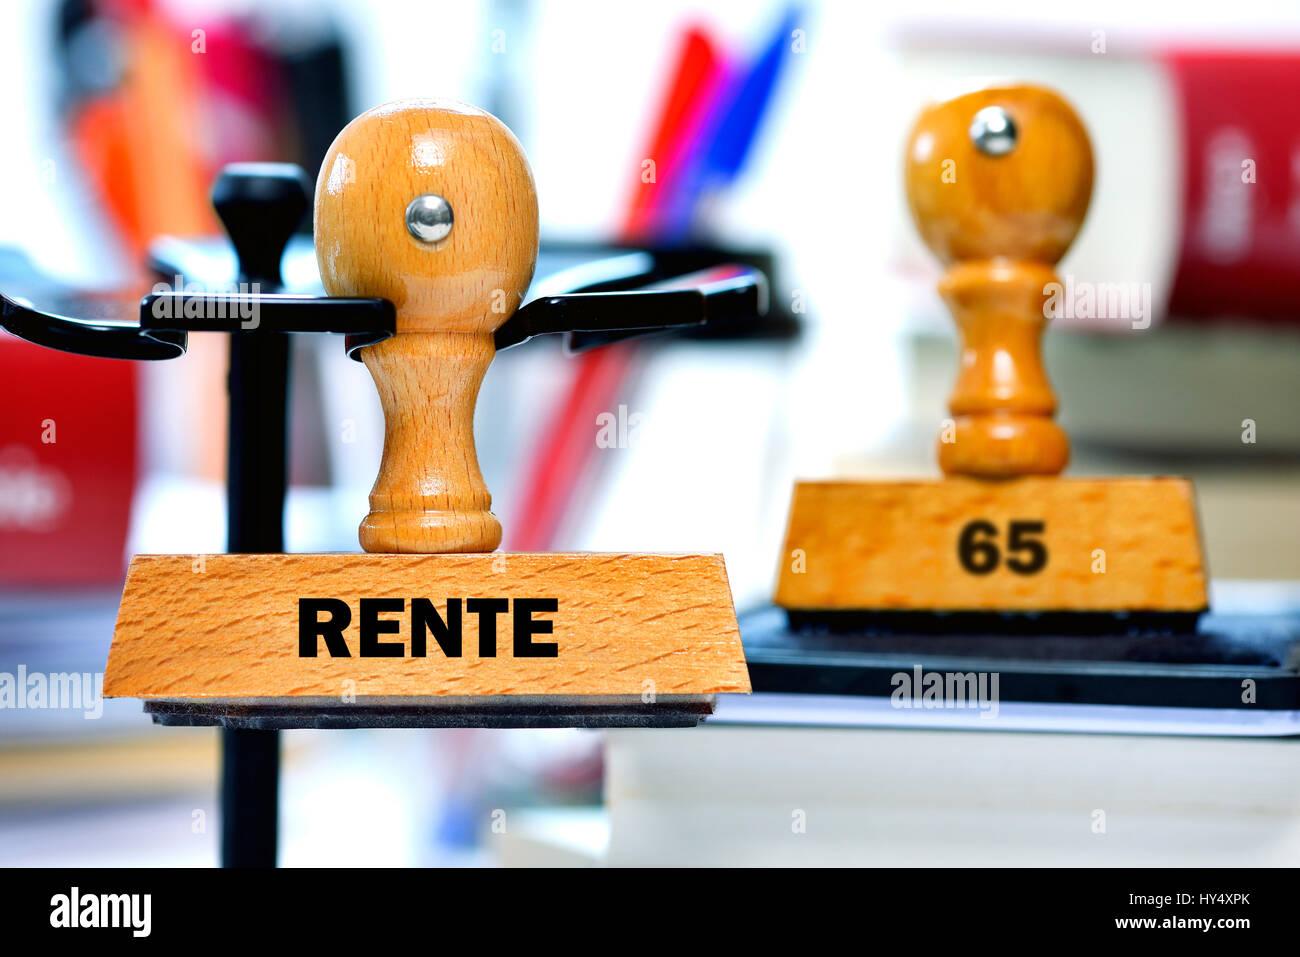 Stamp with the label Pension and 65, Stempel mit der Aufschrift Rente und 65 Stock Photo